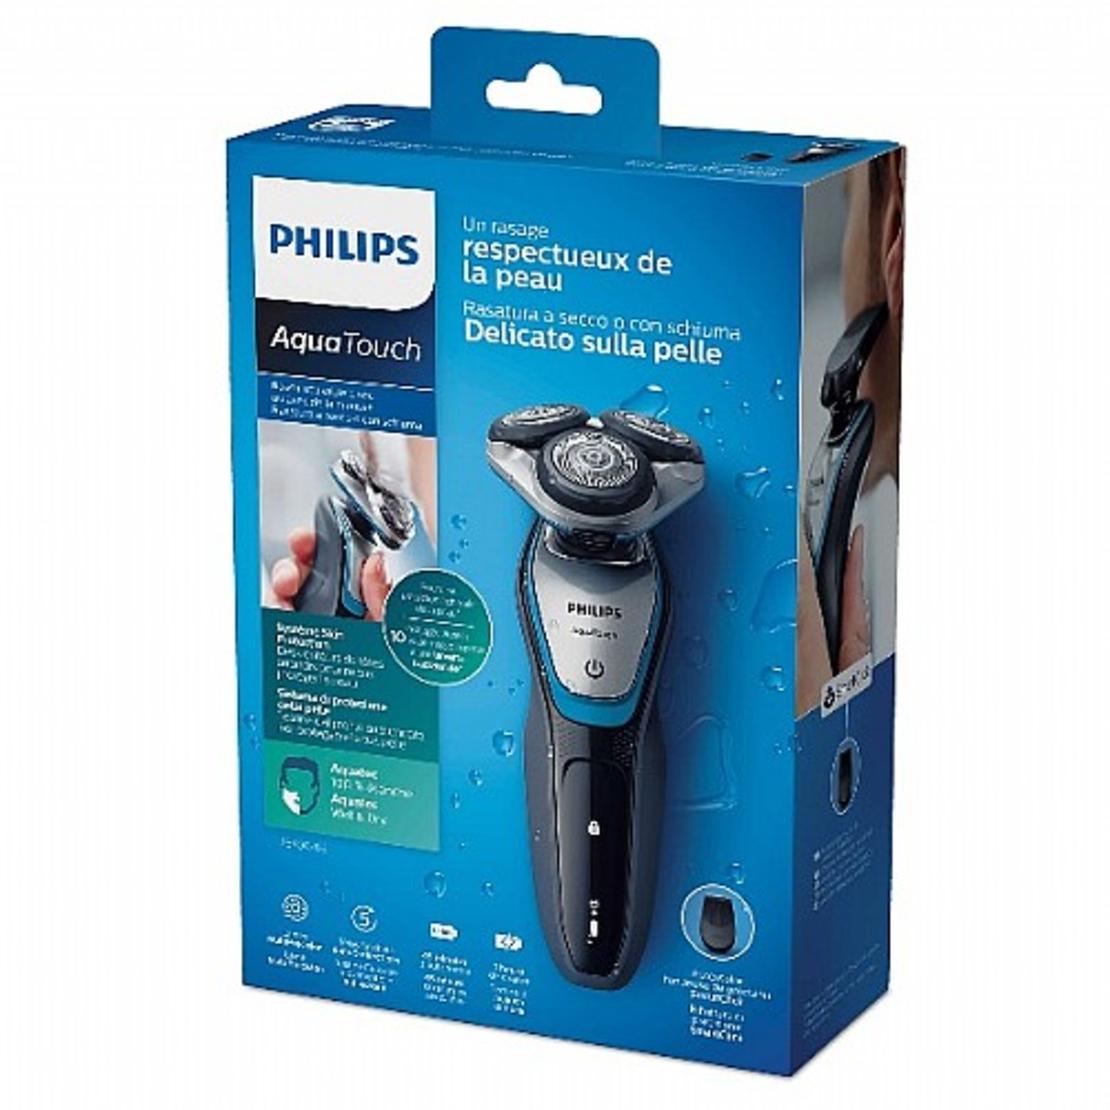 מכונת גילוח Philips S5400 פיליפס